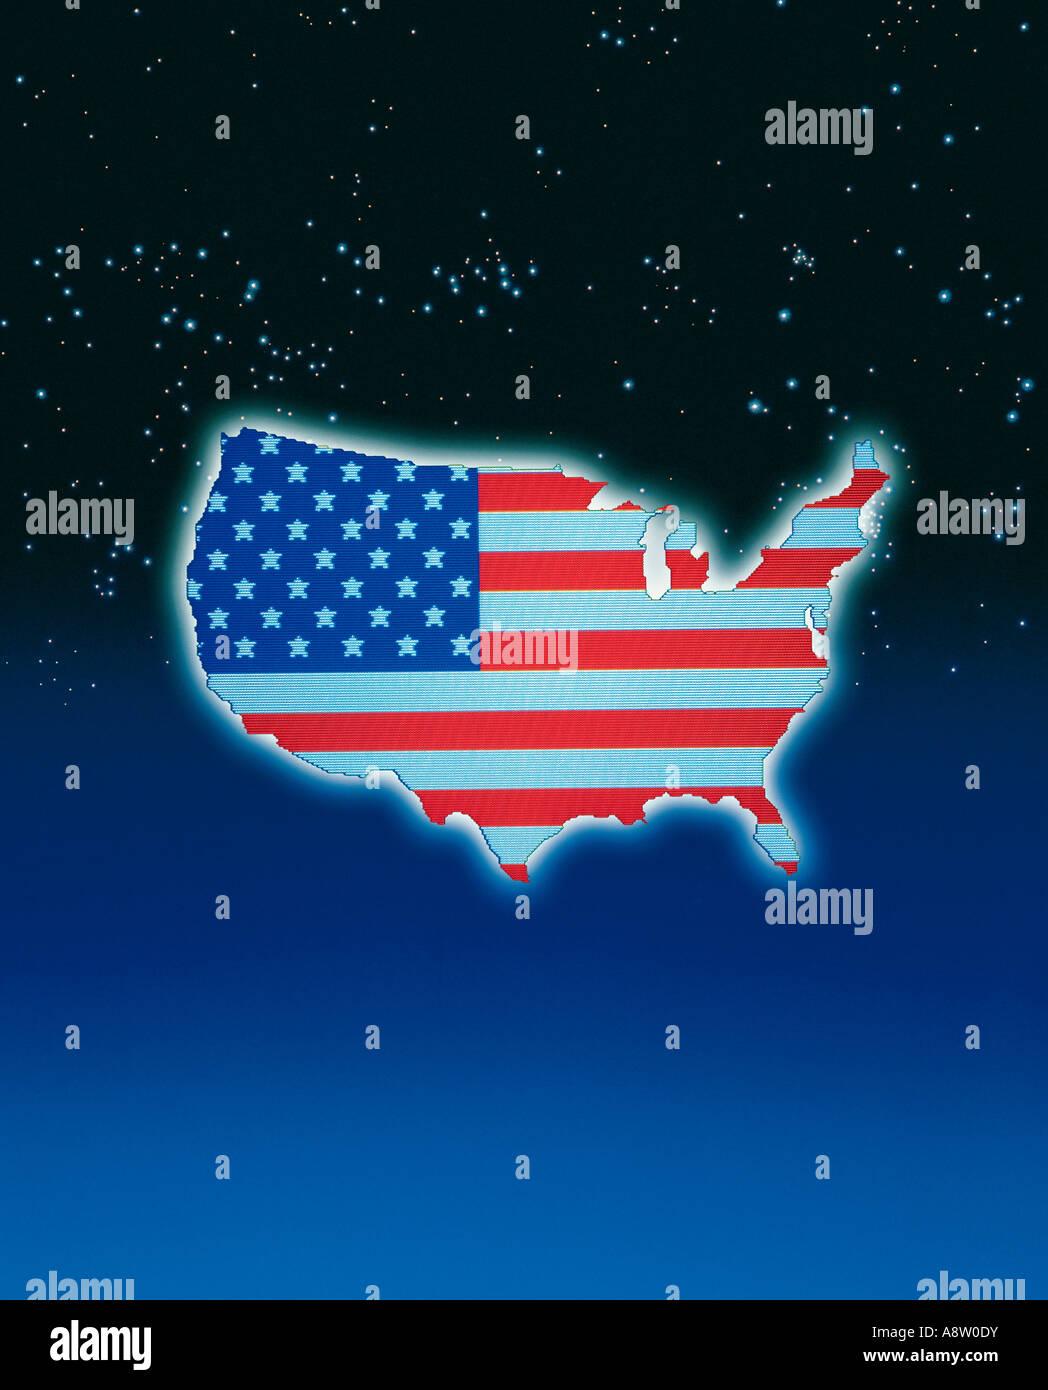 Concepto de ilustraciones. Esquema del mapa de Estados Unidos de América con estrellas y rayas pabellón Imagen De Stock